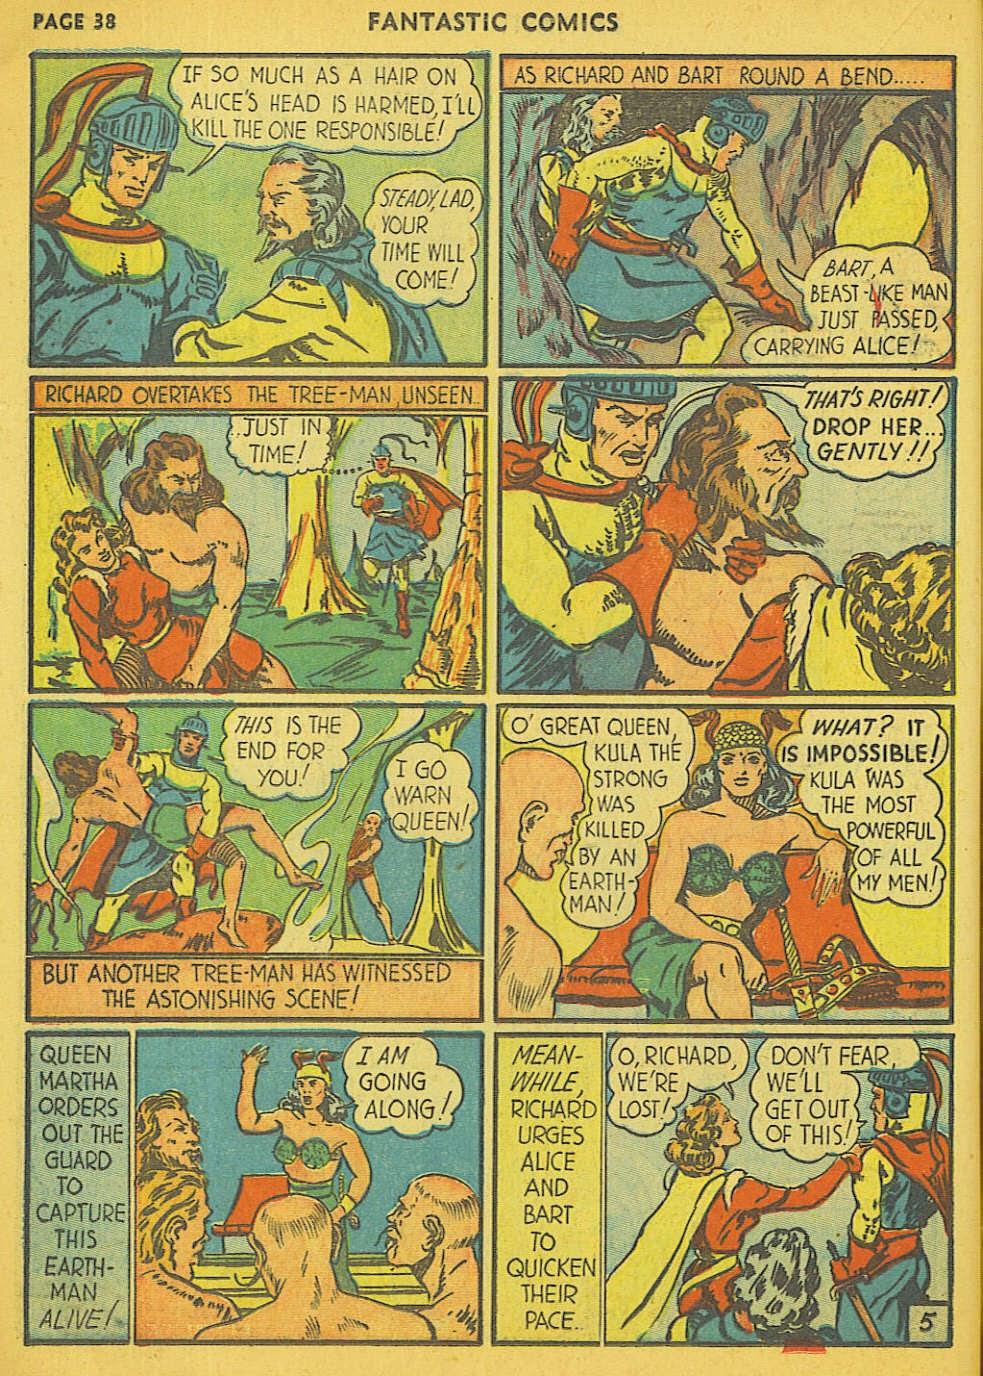 Read online Fantastic Comics comic -  Issue #15 - 31